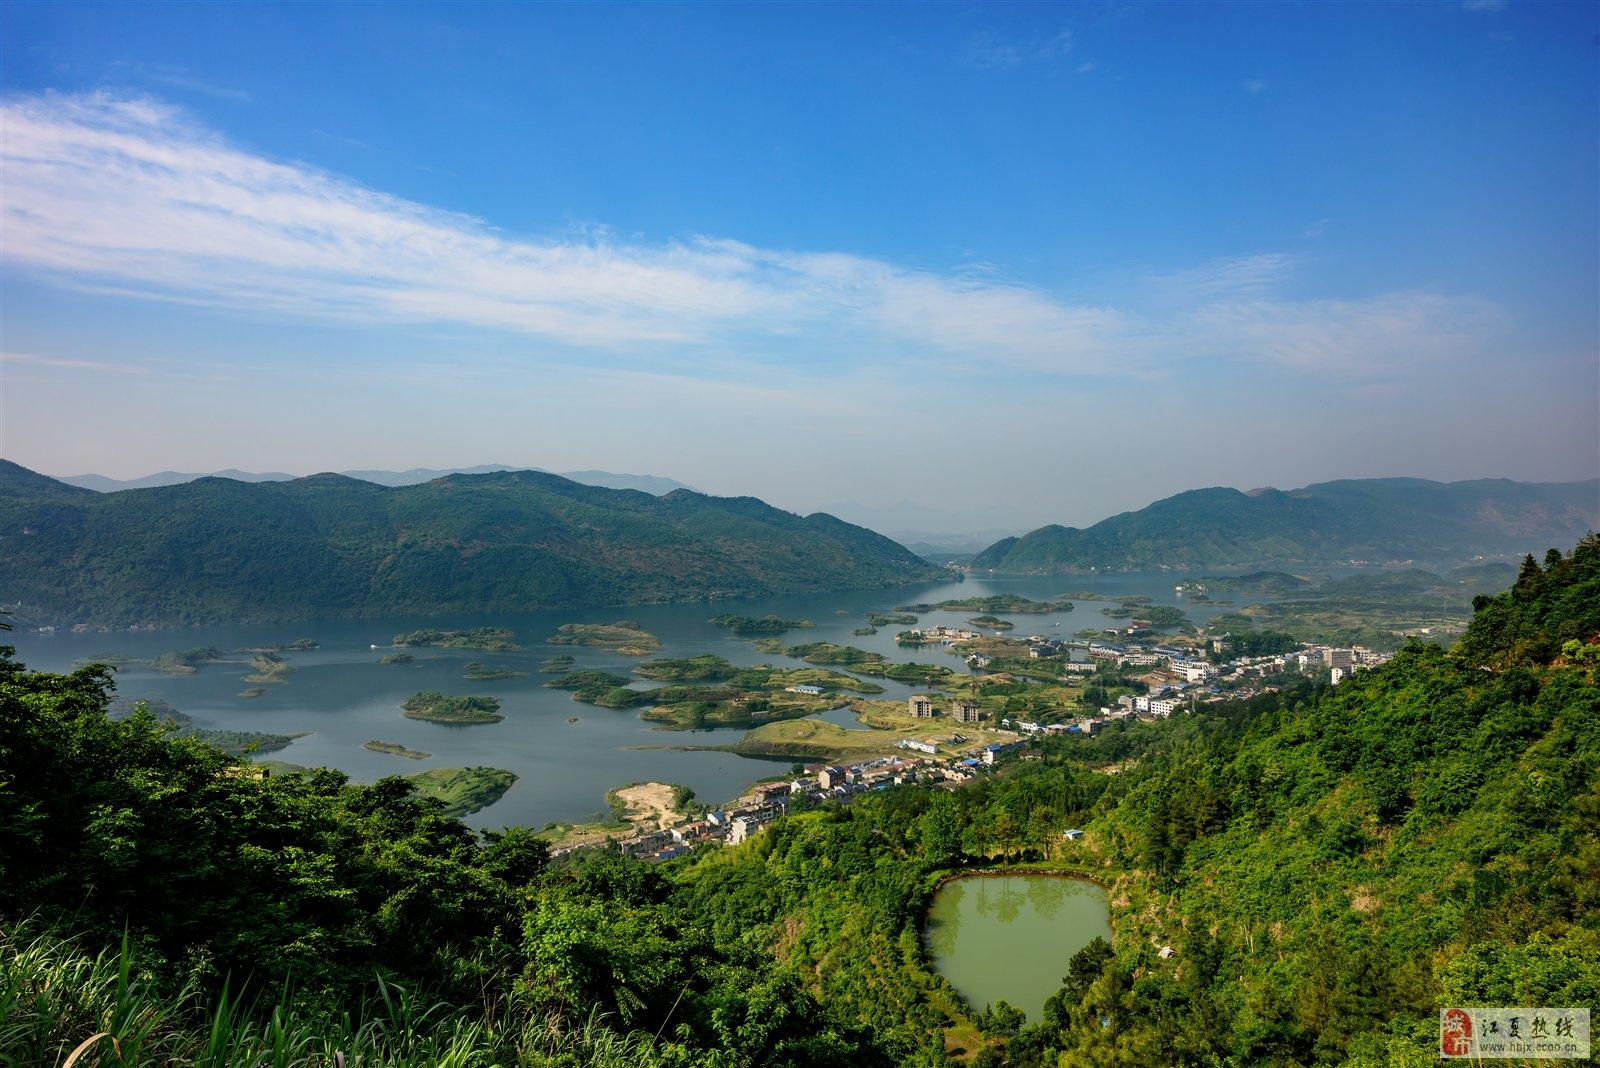 仙岛湖位于阳新县王英镇,是省级生态旅游风景区